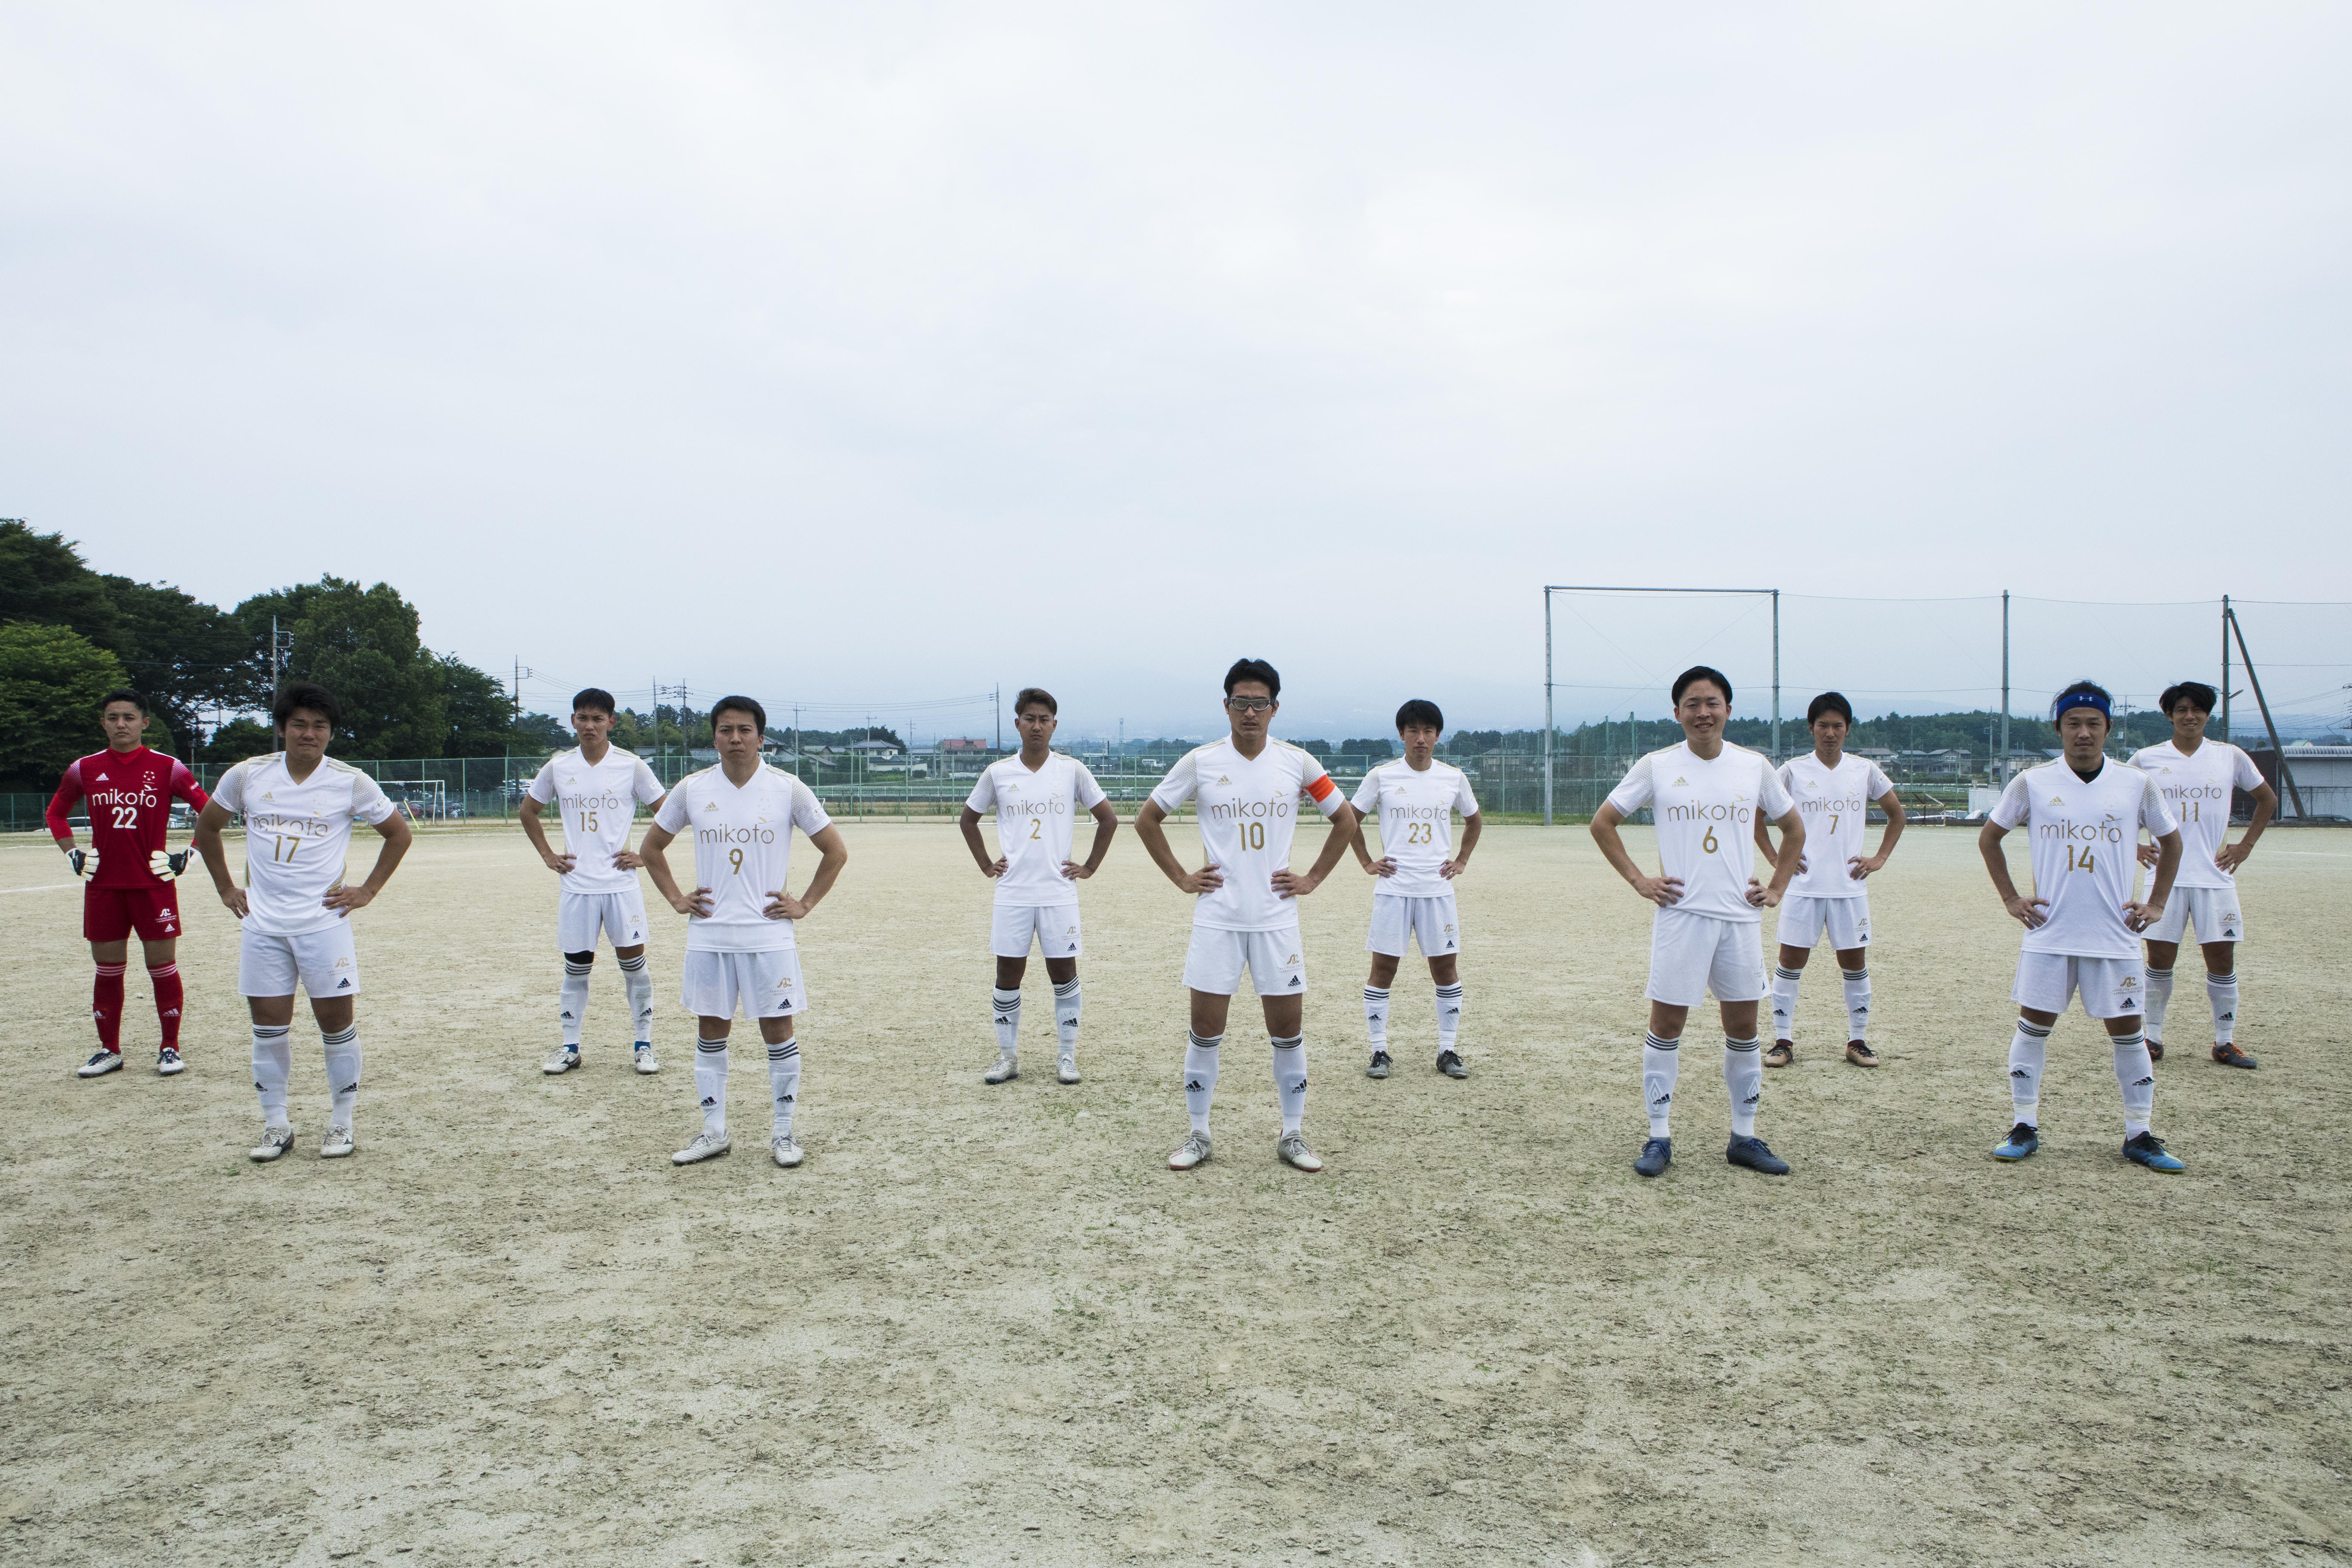 群馬県社会人サッカー2部リーグ 第5節